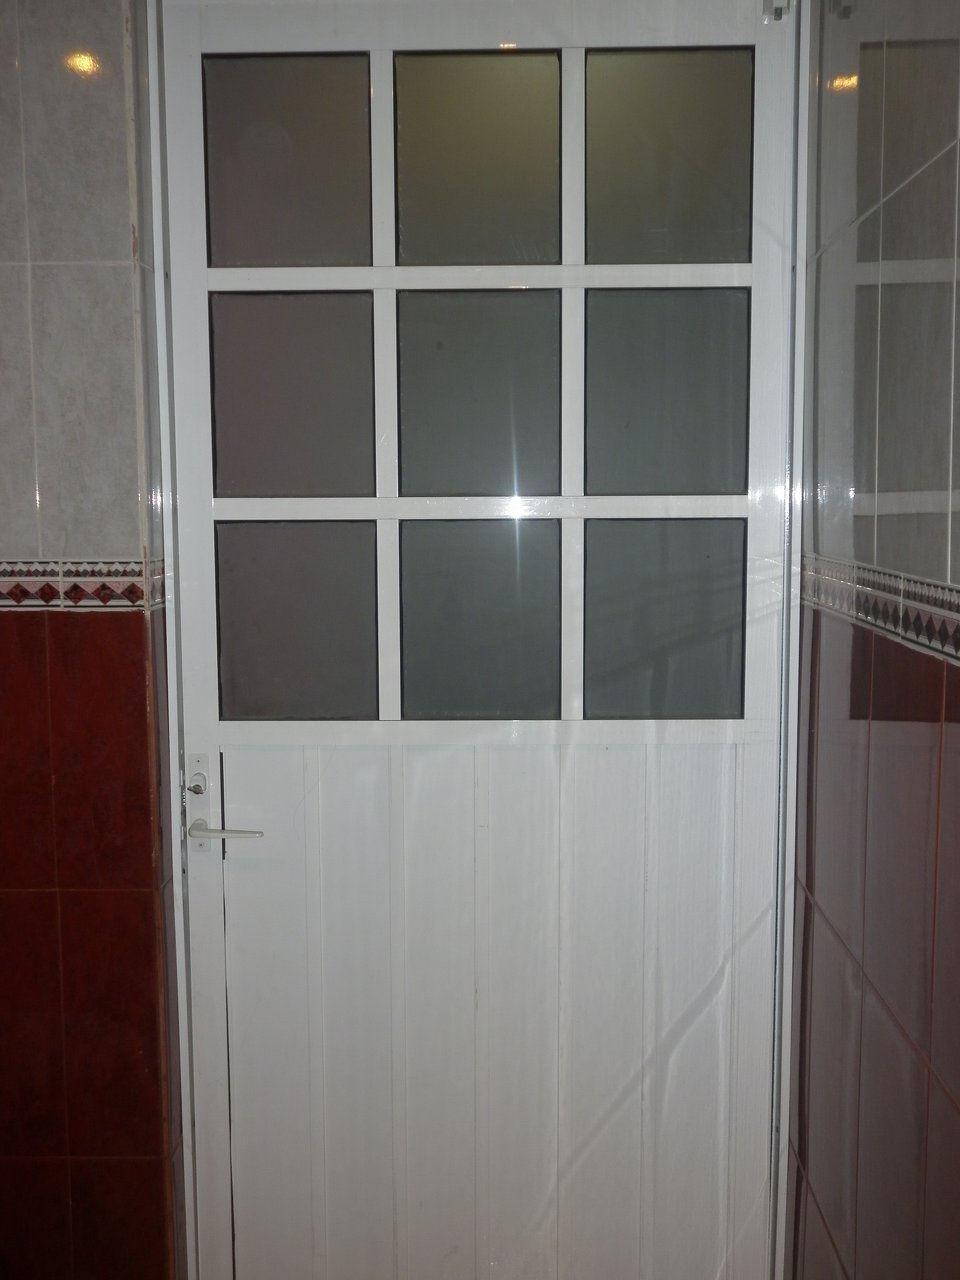 Taller de vidrio y aluminio created by baldomero - Cristales para puertas de cocina ...